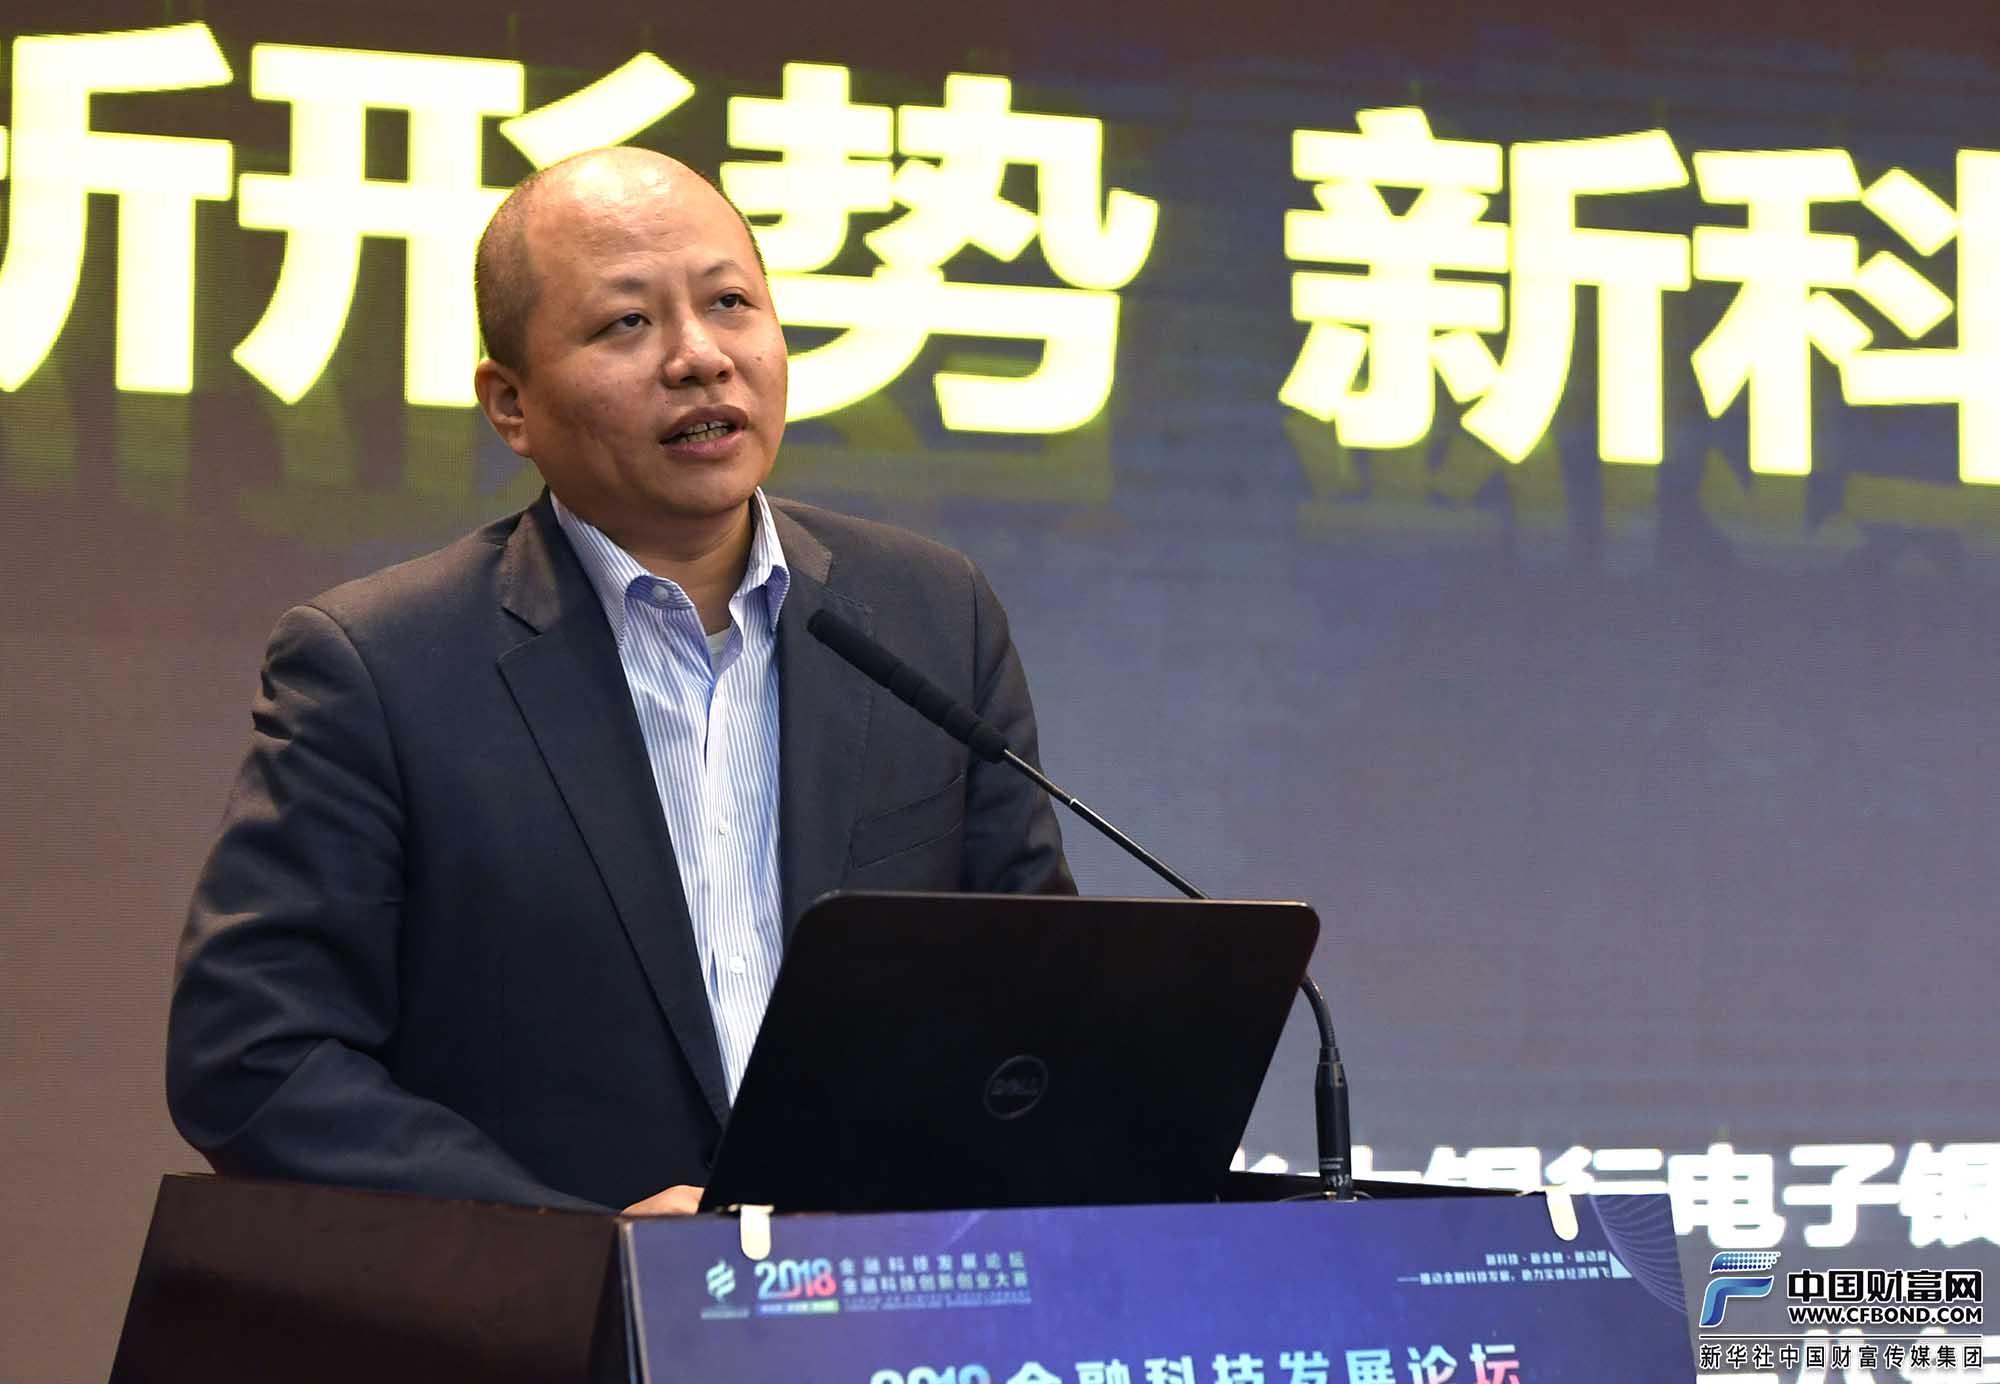 中国光大银行电子银行部总经理杨兵兵演讲